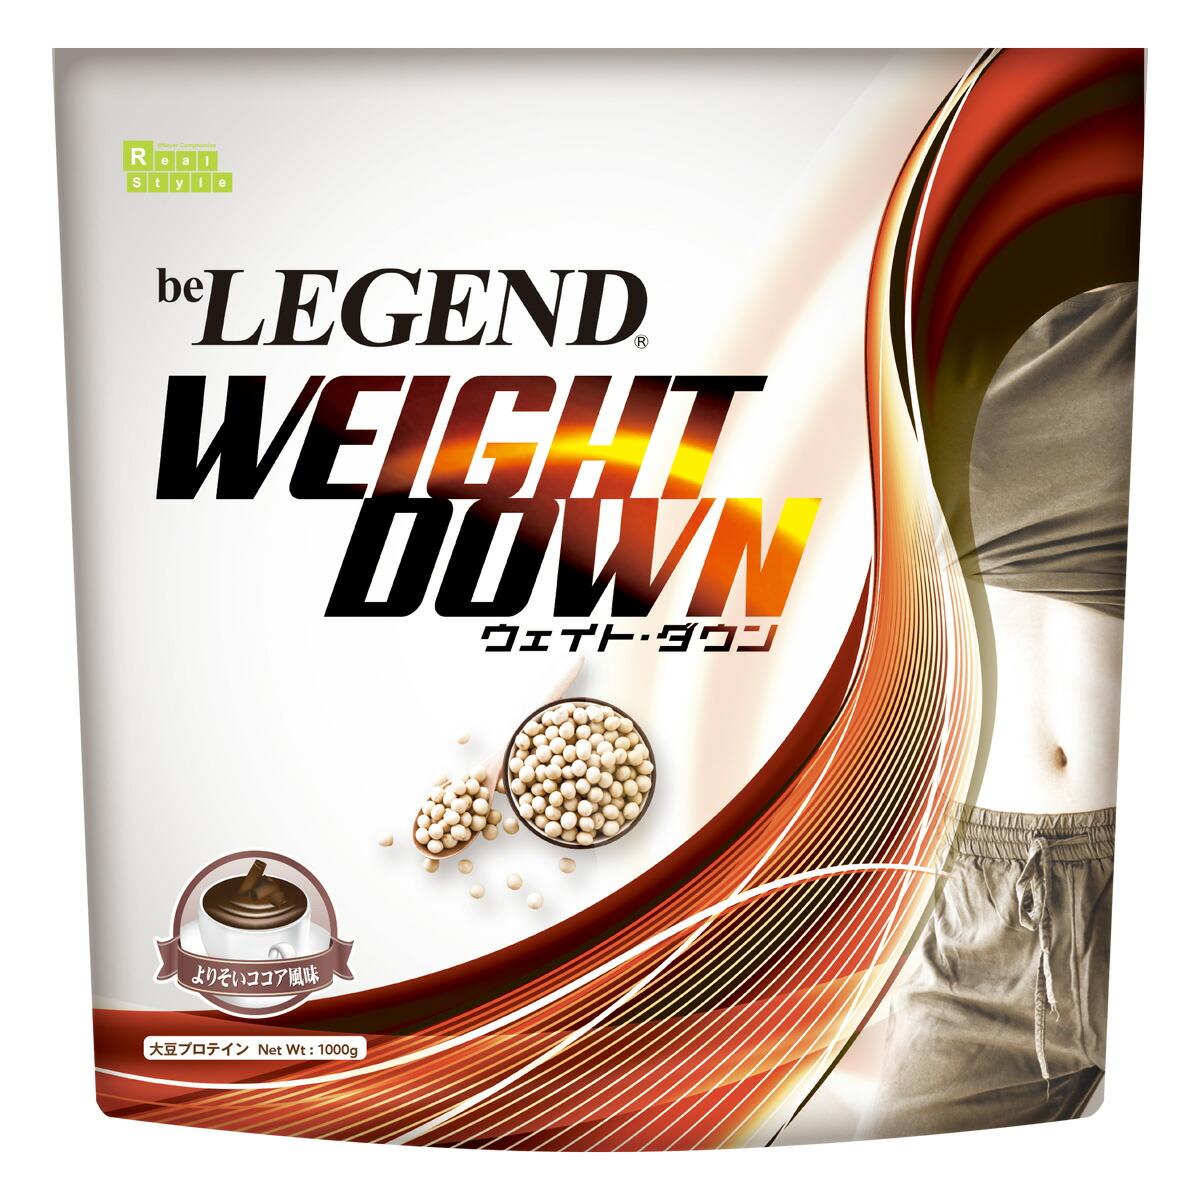 ダイエット 減量する人のためのプロテイン ビーレジェンドプロテイン WEIGHT DOWN よりそいココア風味 激安超特価 be 女性 ウェイトダウン ソイプロテイン 初売り ウエイトダウン オススメ LEGEND